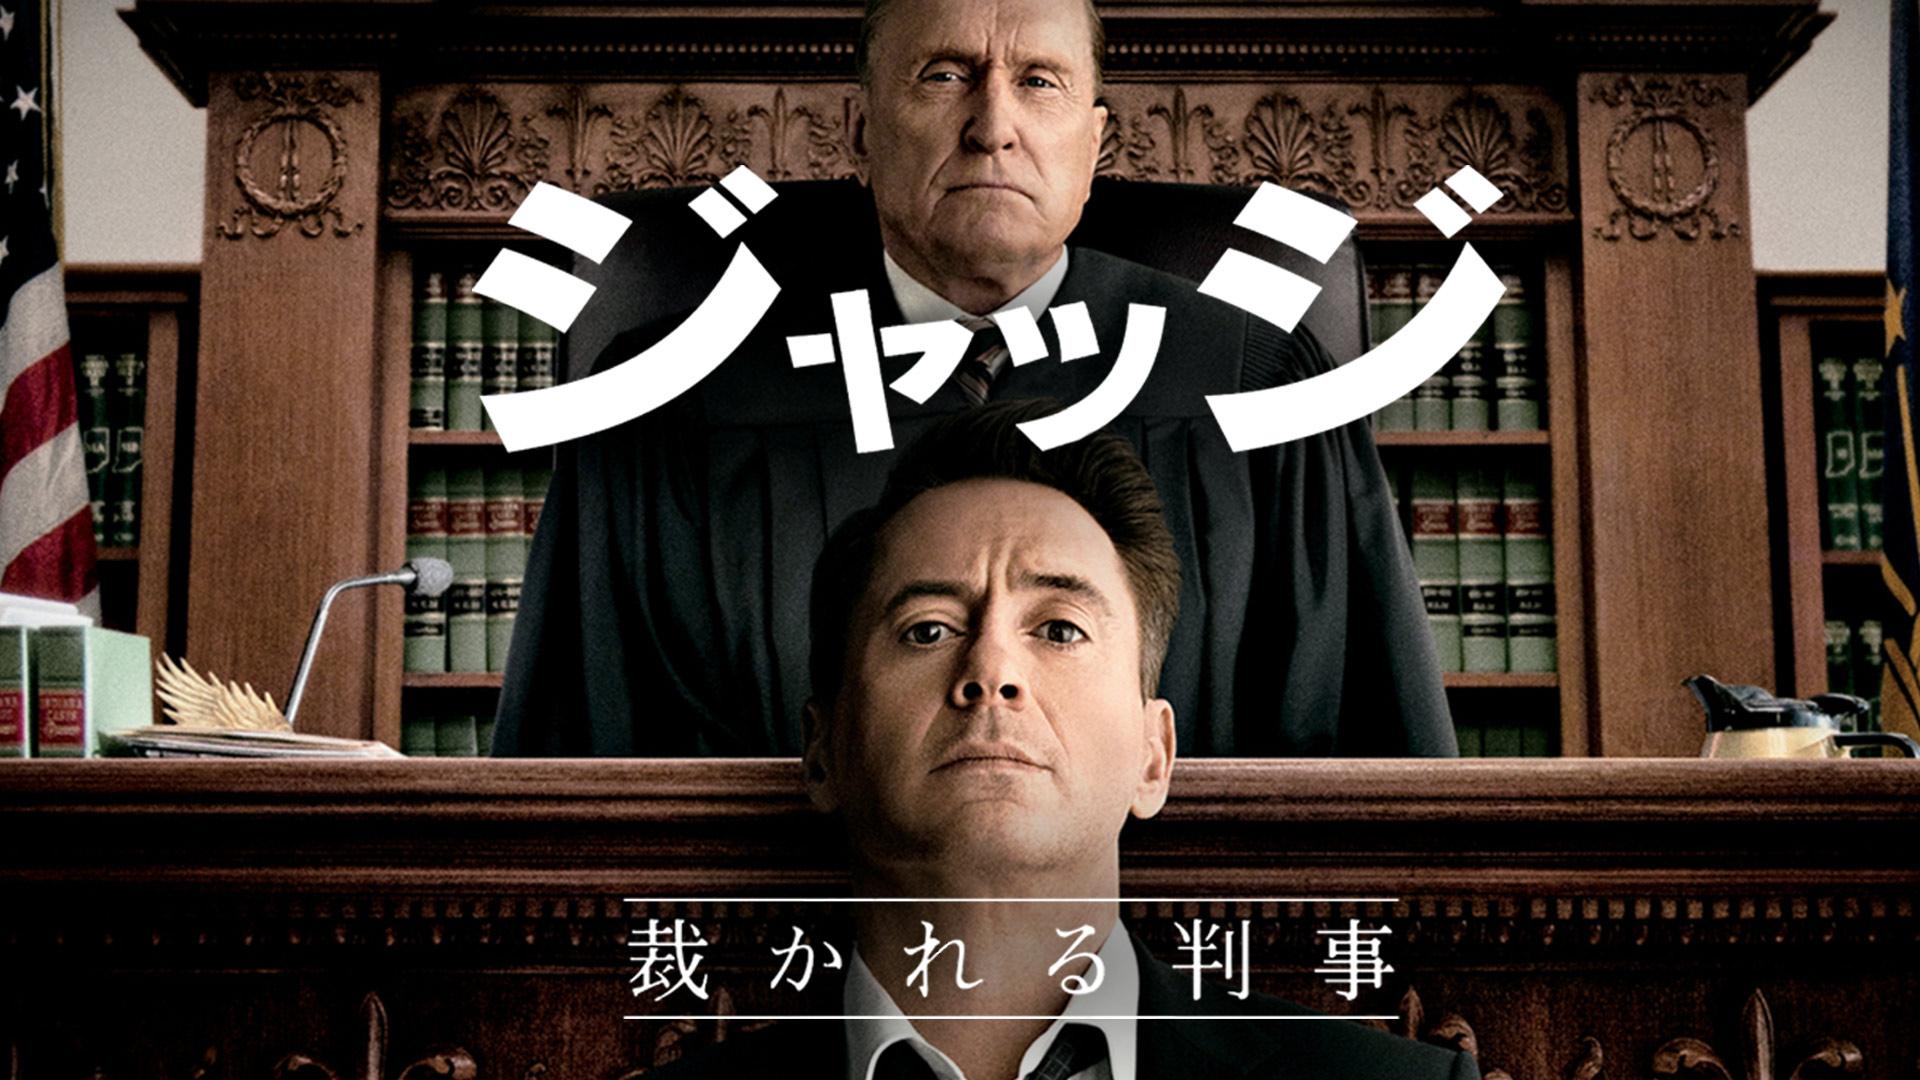 ジャッジ 裁かれる判事(字幕版)